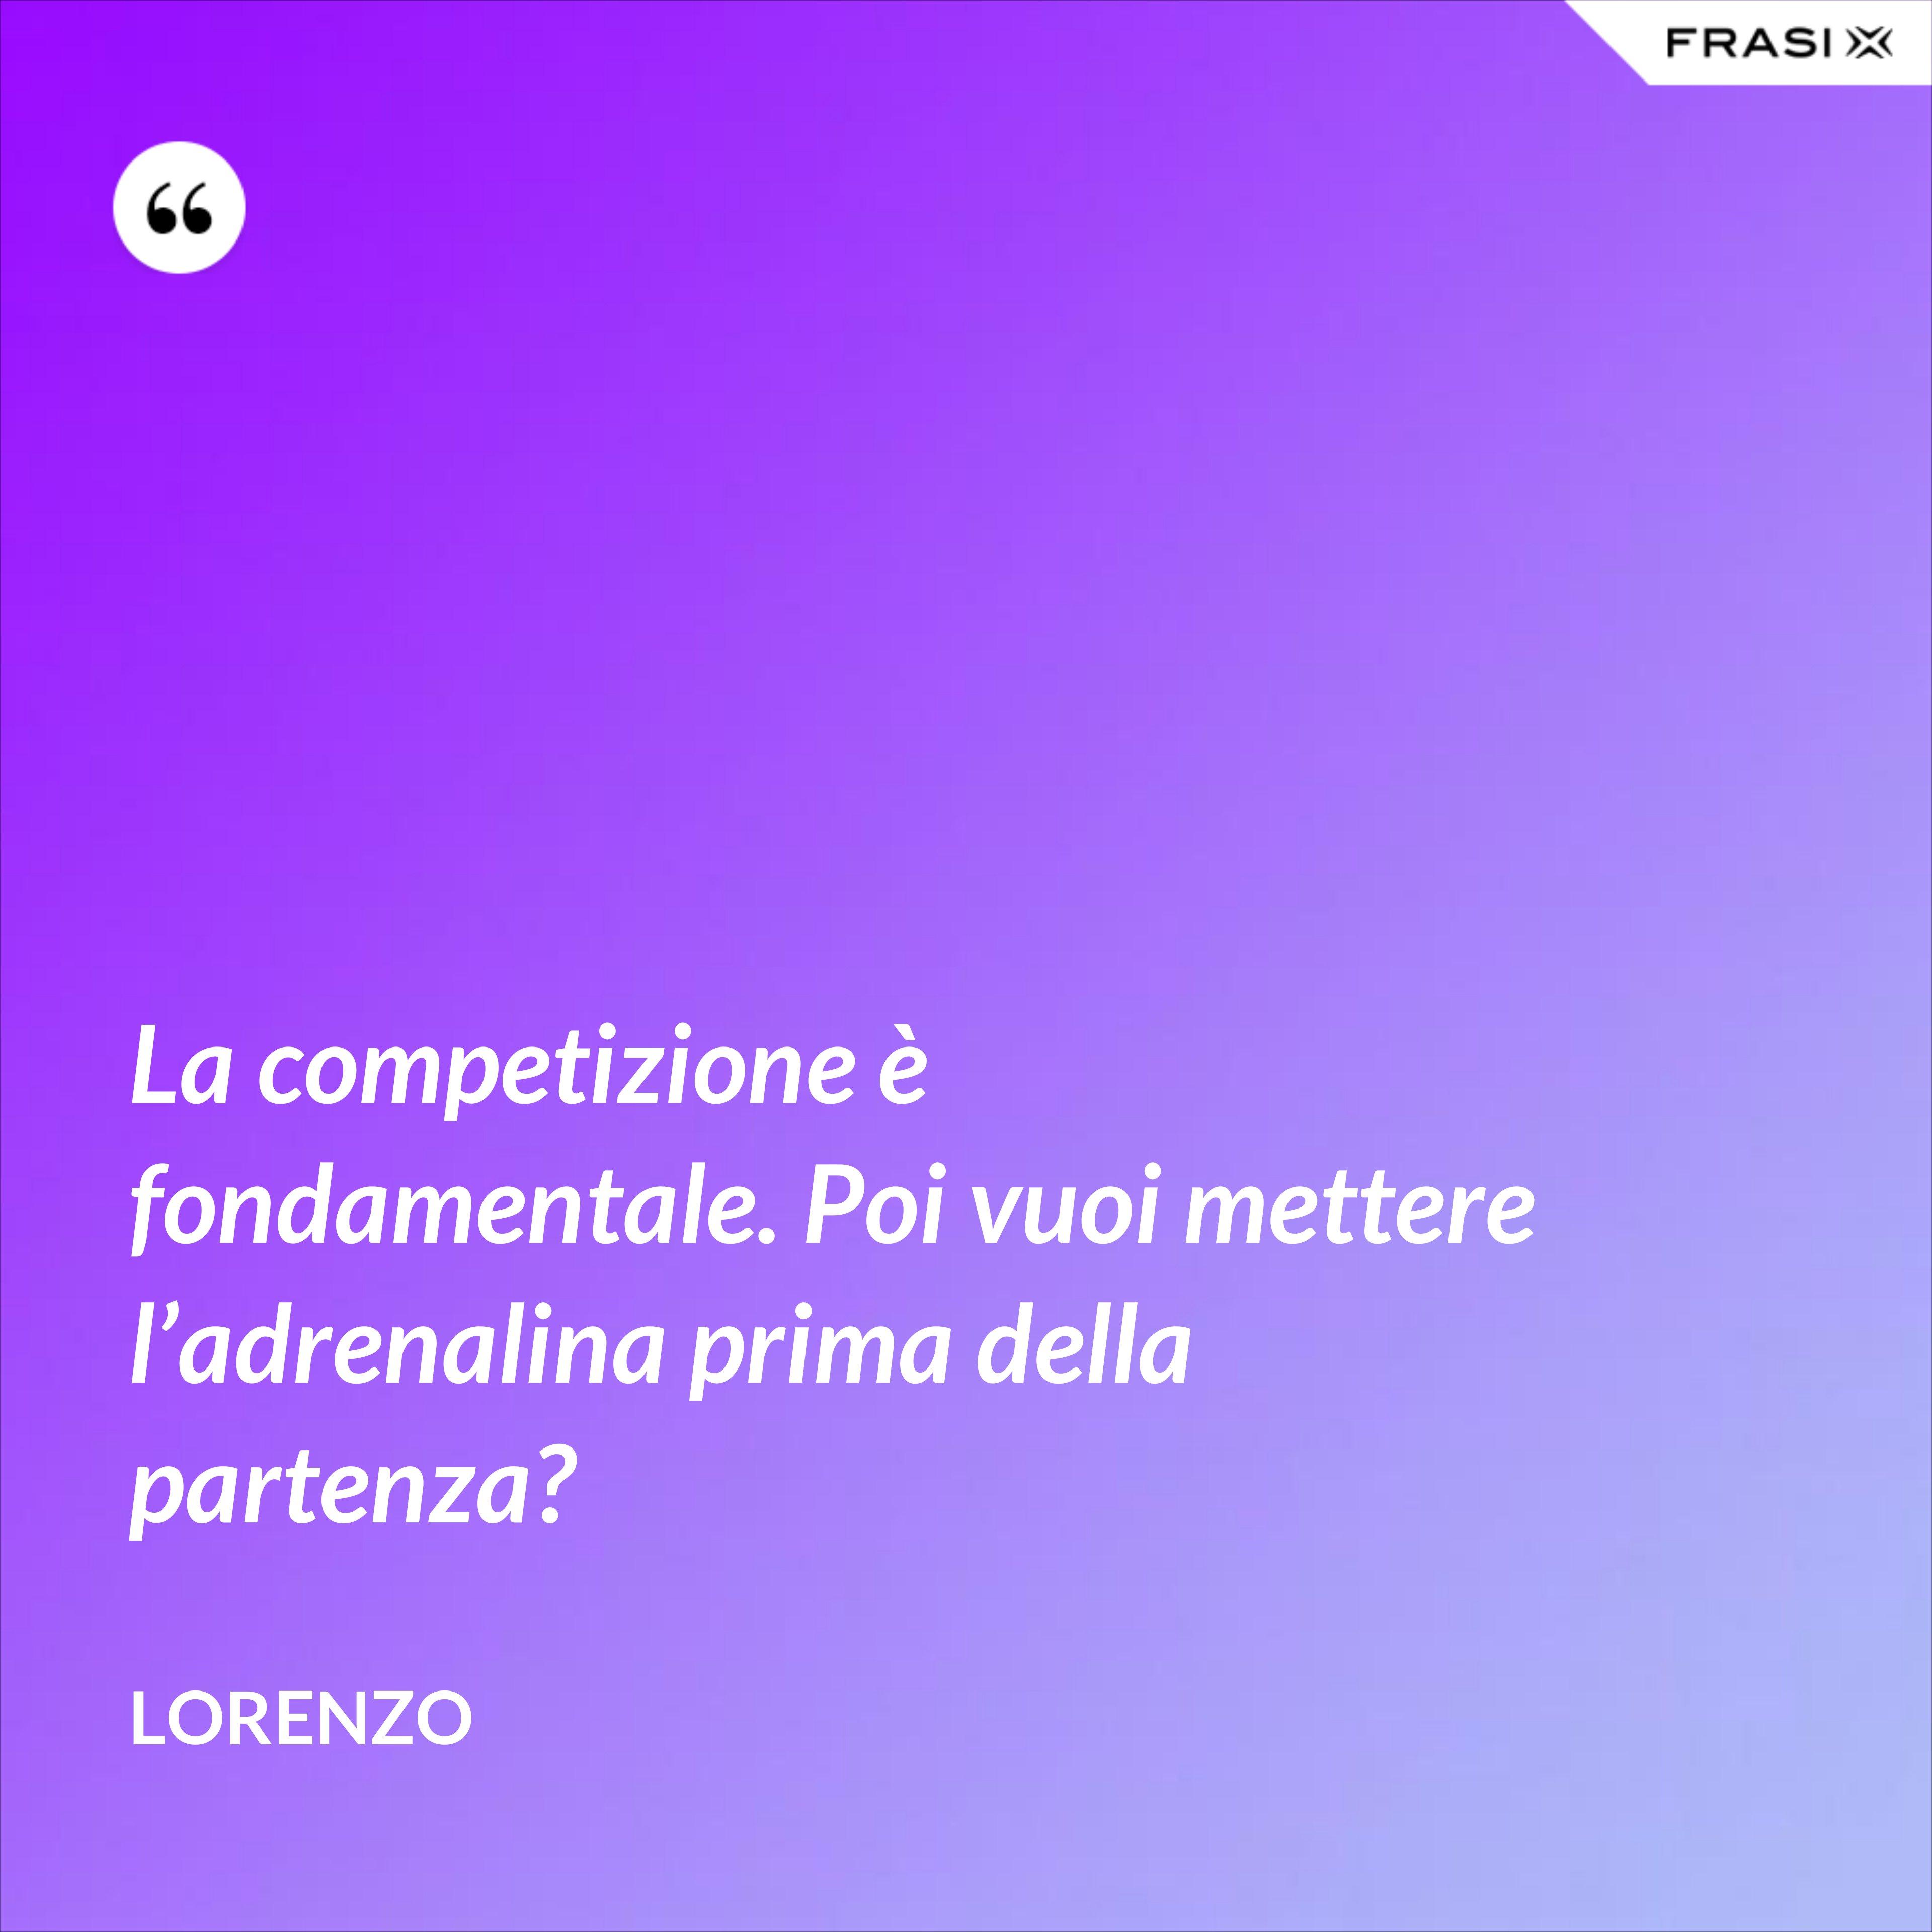 La competizione è fondamentale. Poi vuoi mettere l'adrenalina prima della partenza? - Lorenzo